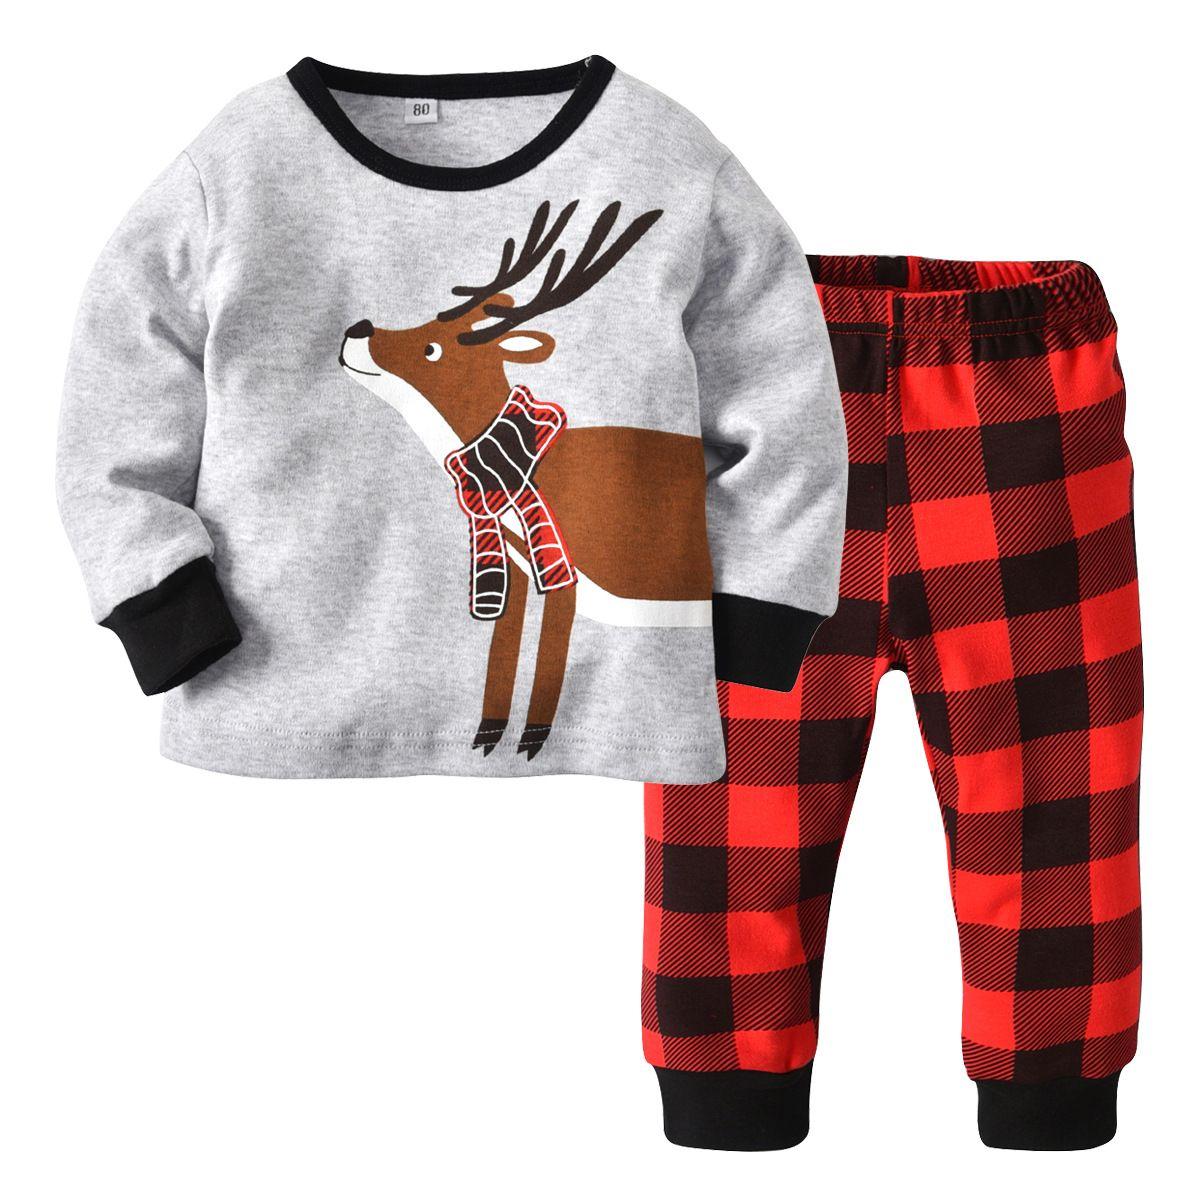 78a651d41ca2d Acheter 2018 Garçons Garçons Coton Pyjama Vêtements Pour Enfants Ensemble  Licorne De Noël À Manches Longues Toddler Baby Enfants Tops + Pantalon De   9.54 Du ...